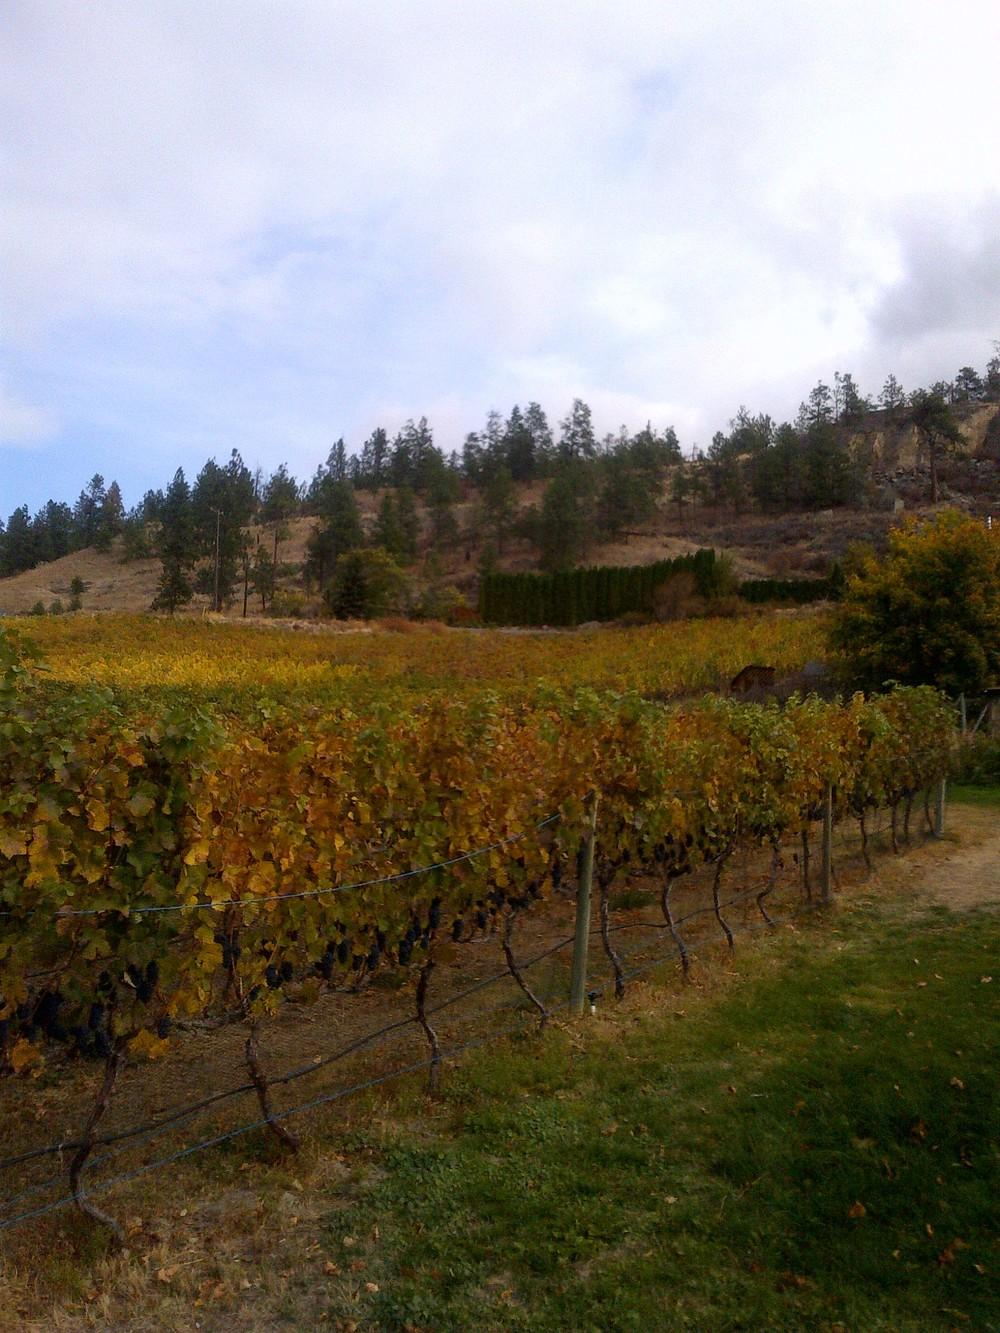 Foxtrot's estate Pinot Noir vineyard